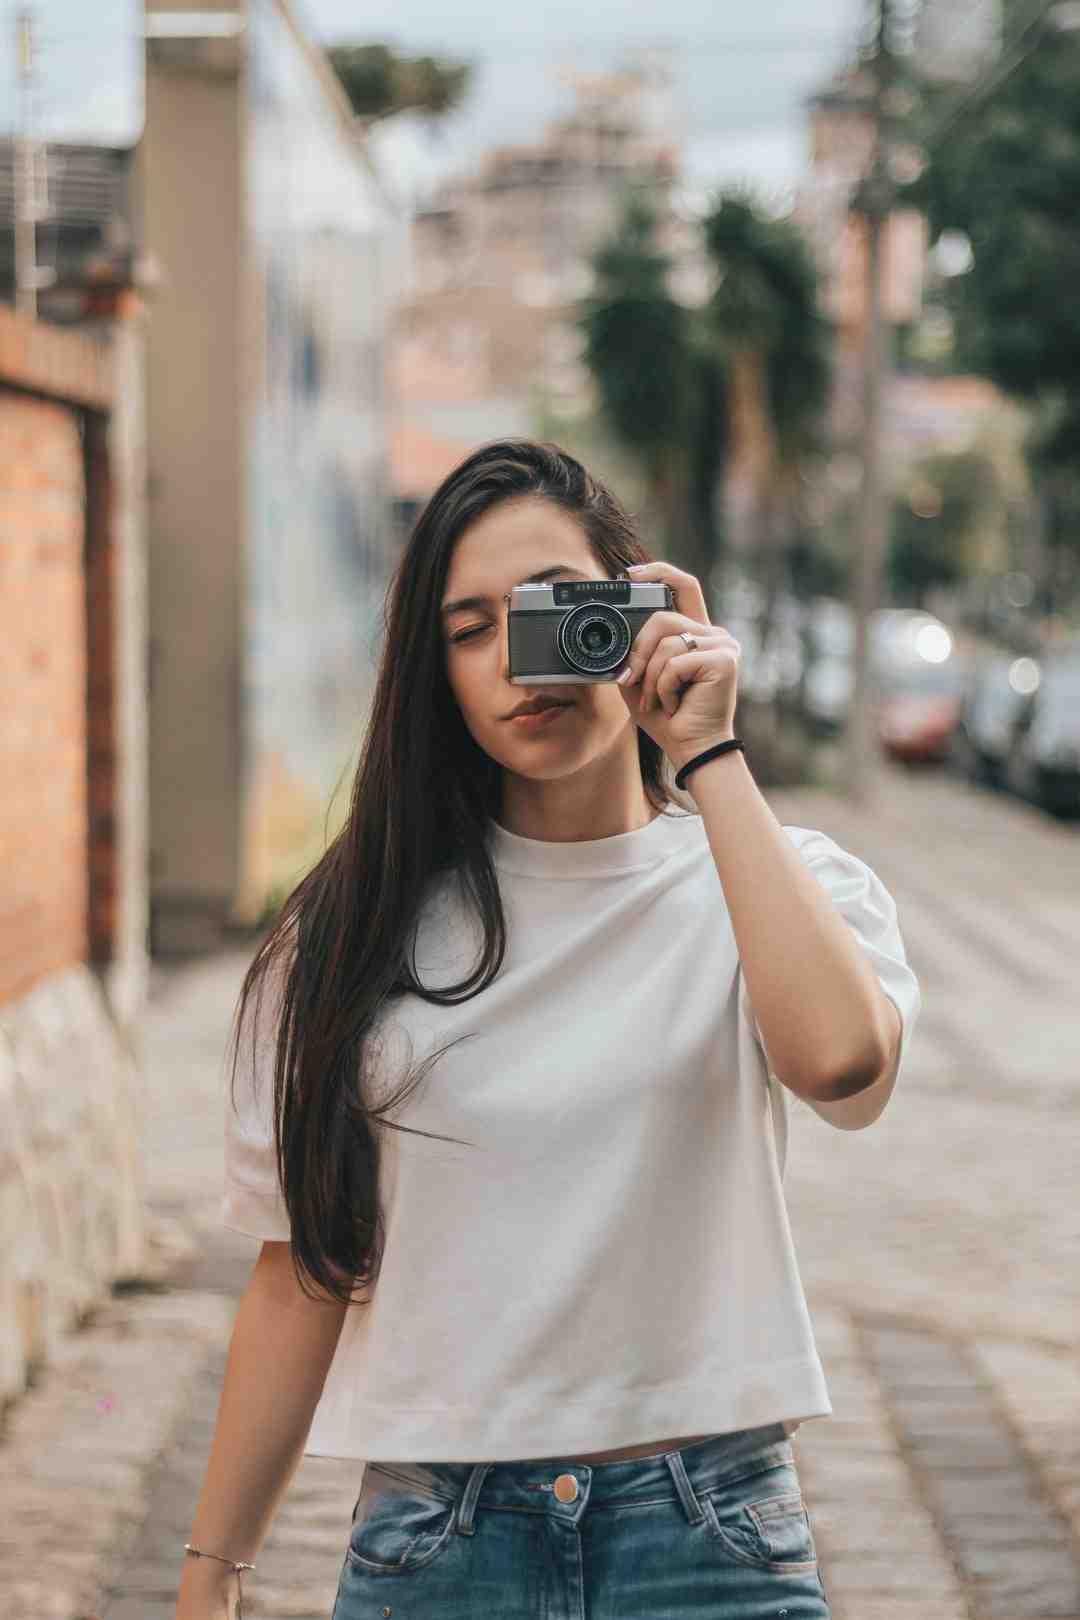 Comment créer une photo floue plus nette en ligne?